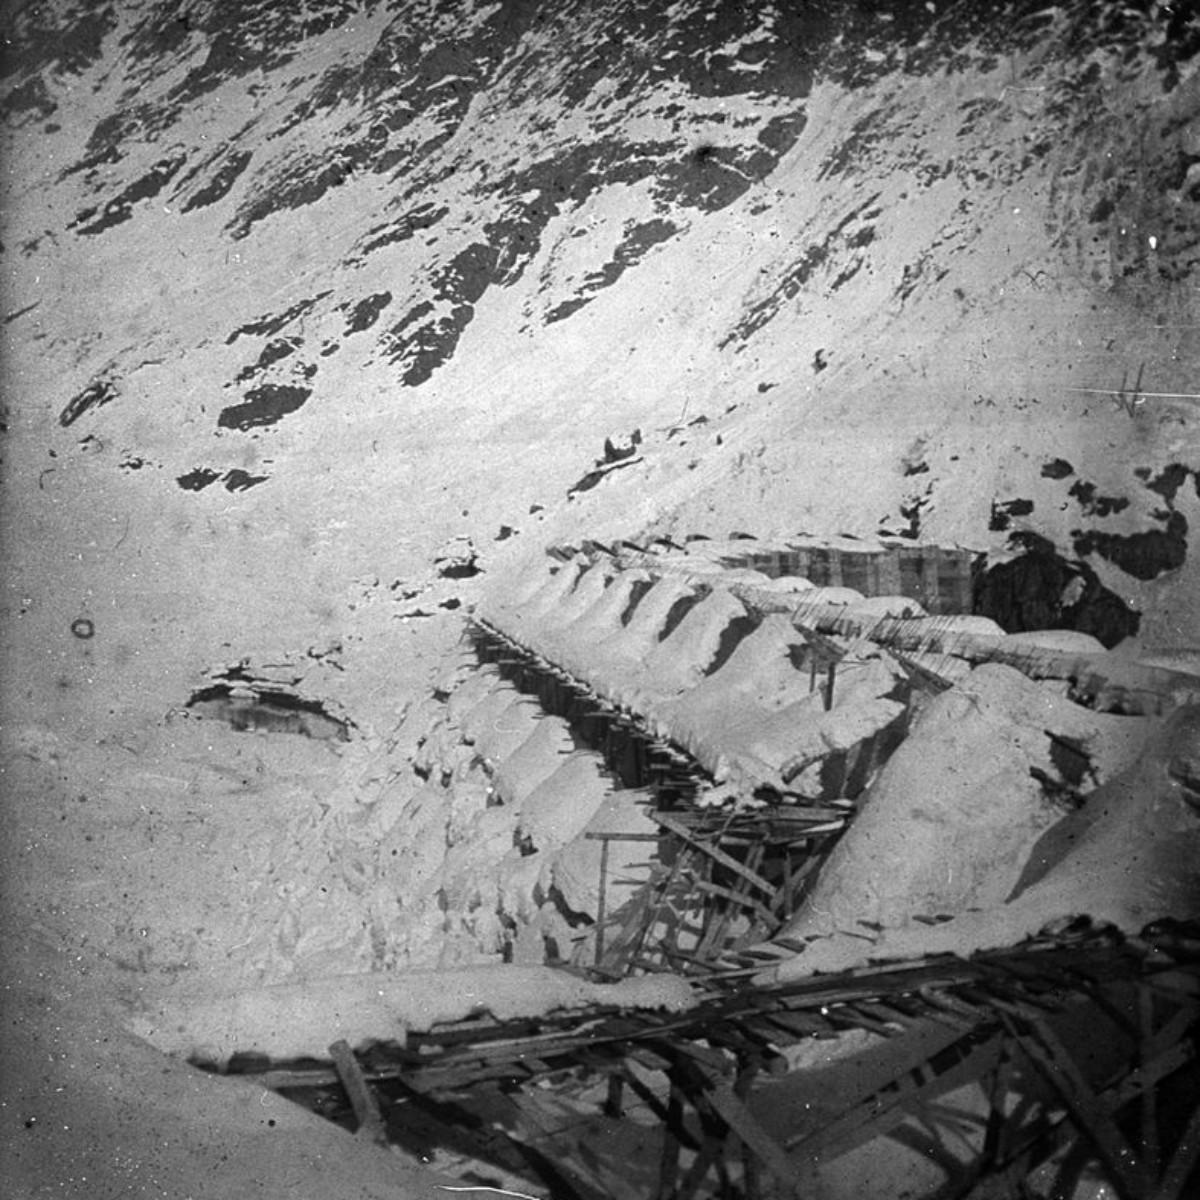 La diga del Gleno a monte, con la neve